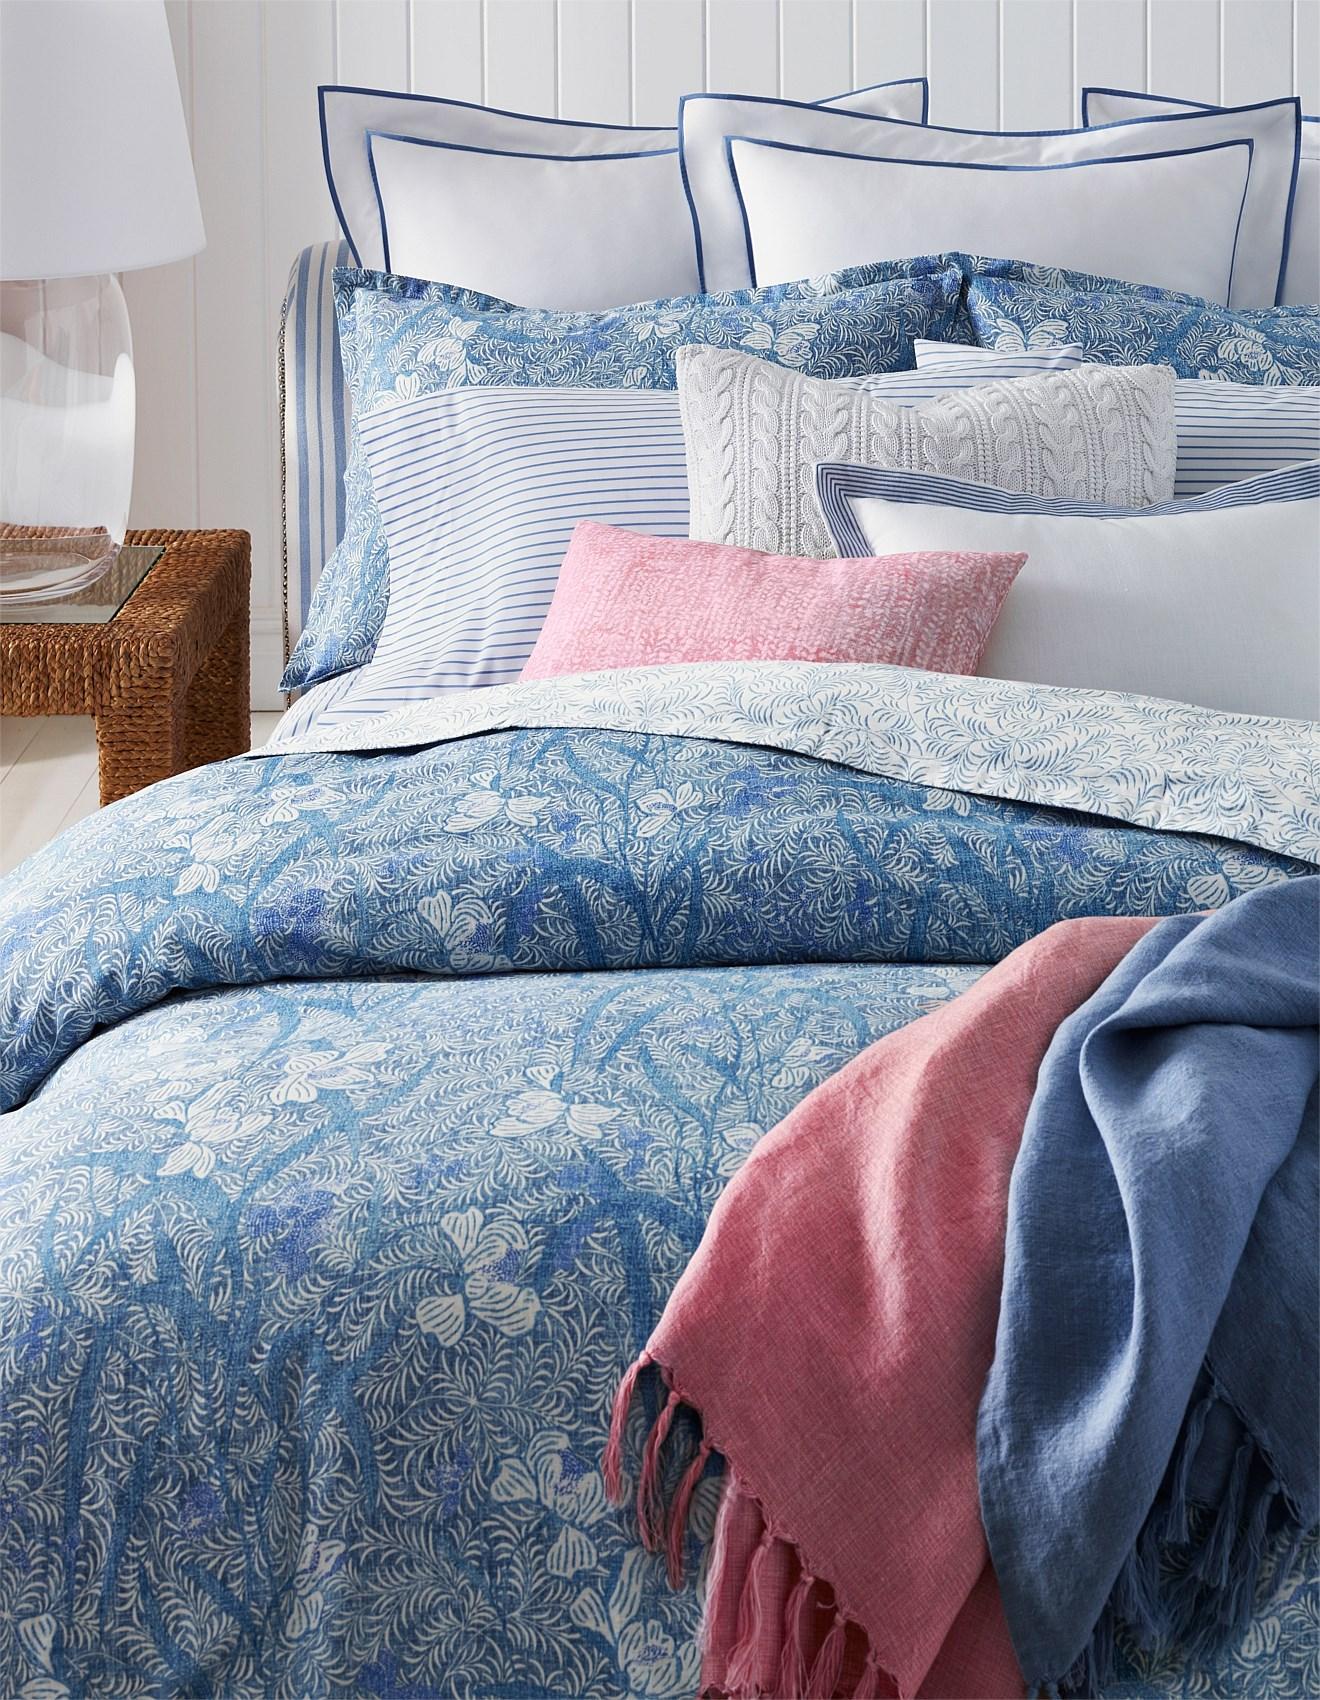 e6abae82bb Meadow Lane Kaley Queen Bed Duvet Cover 210x210cm